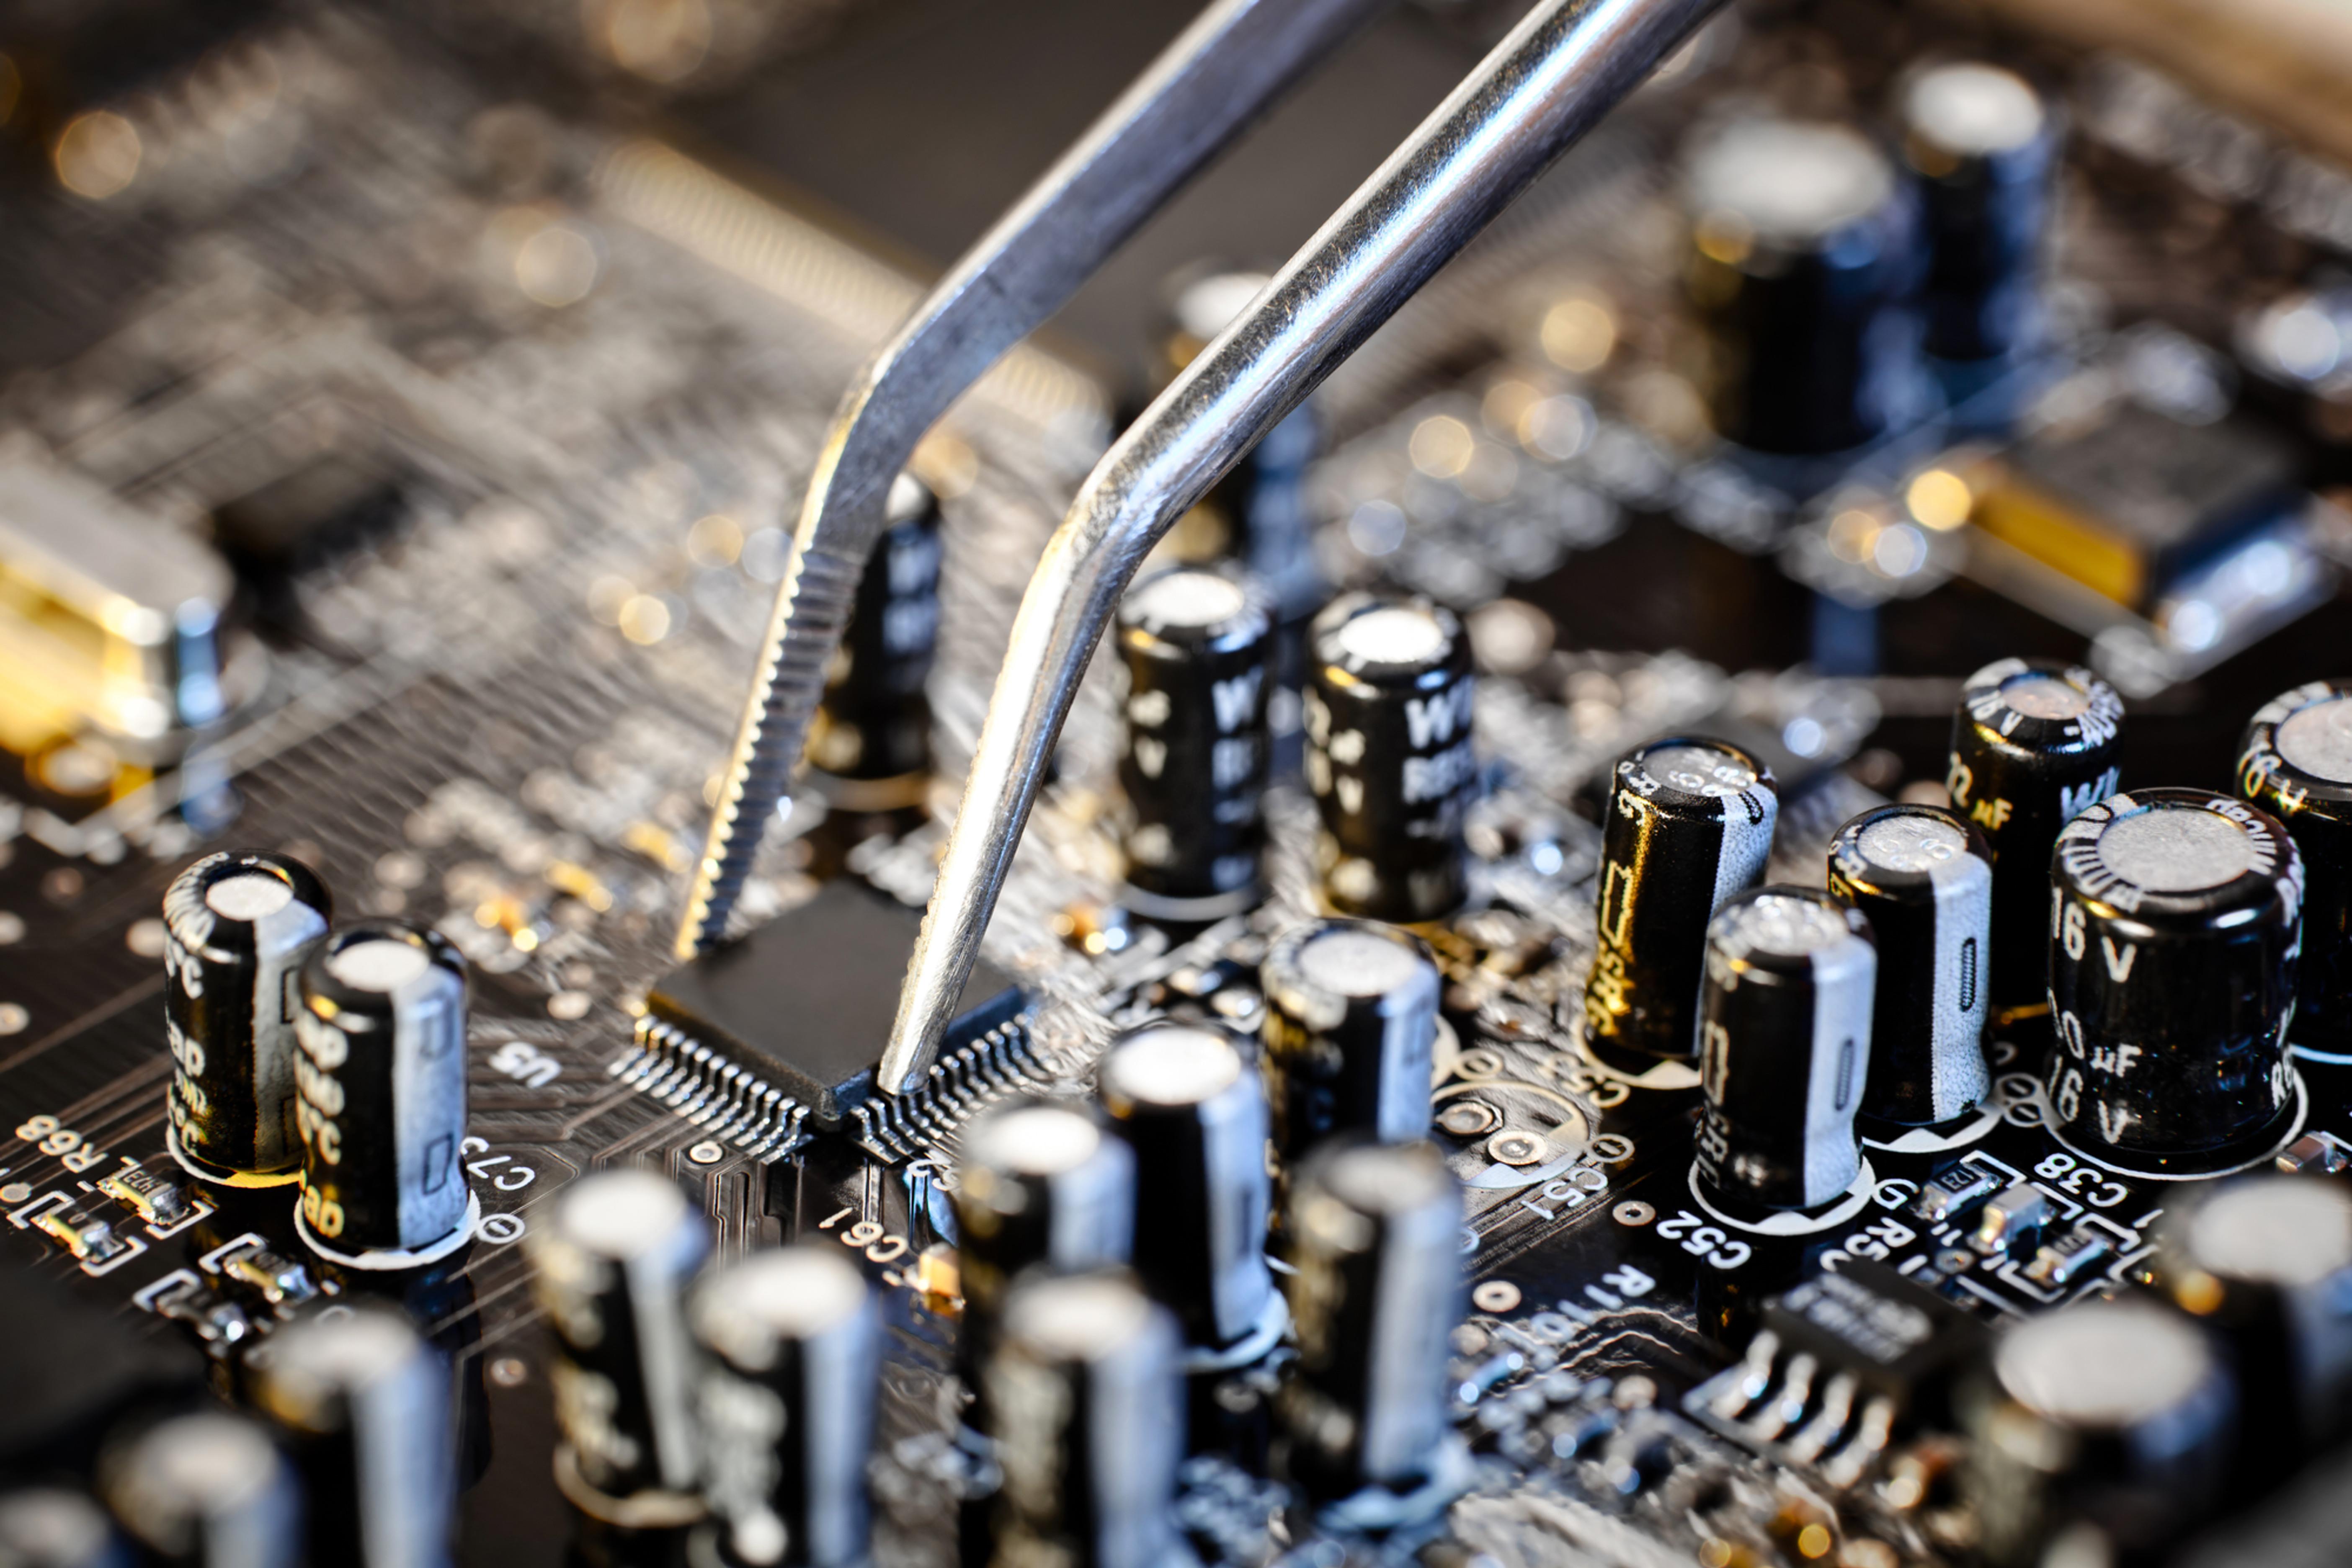 ハードウェアの修理